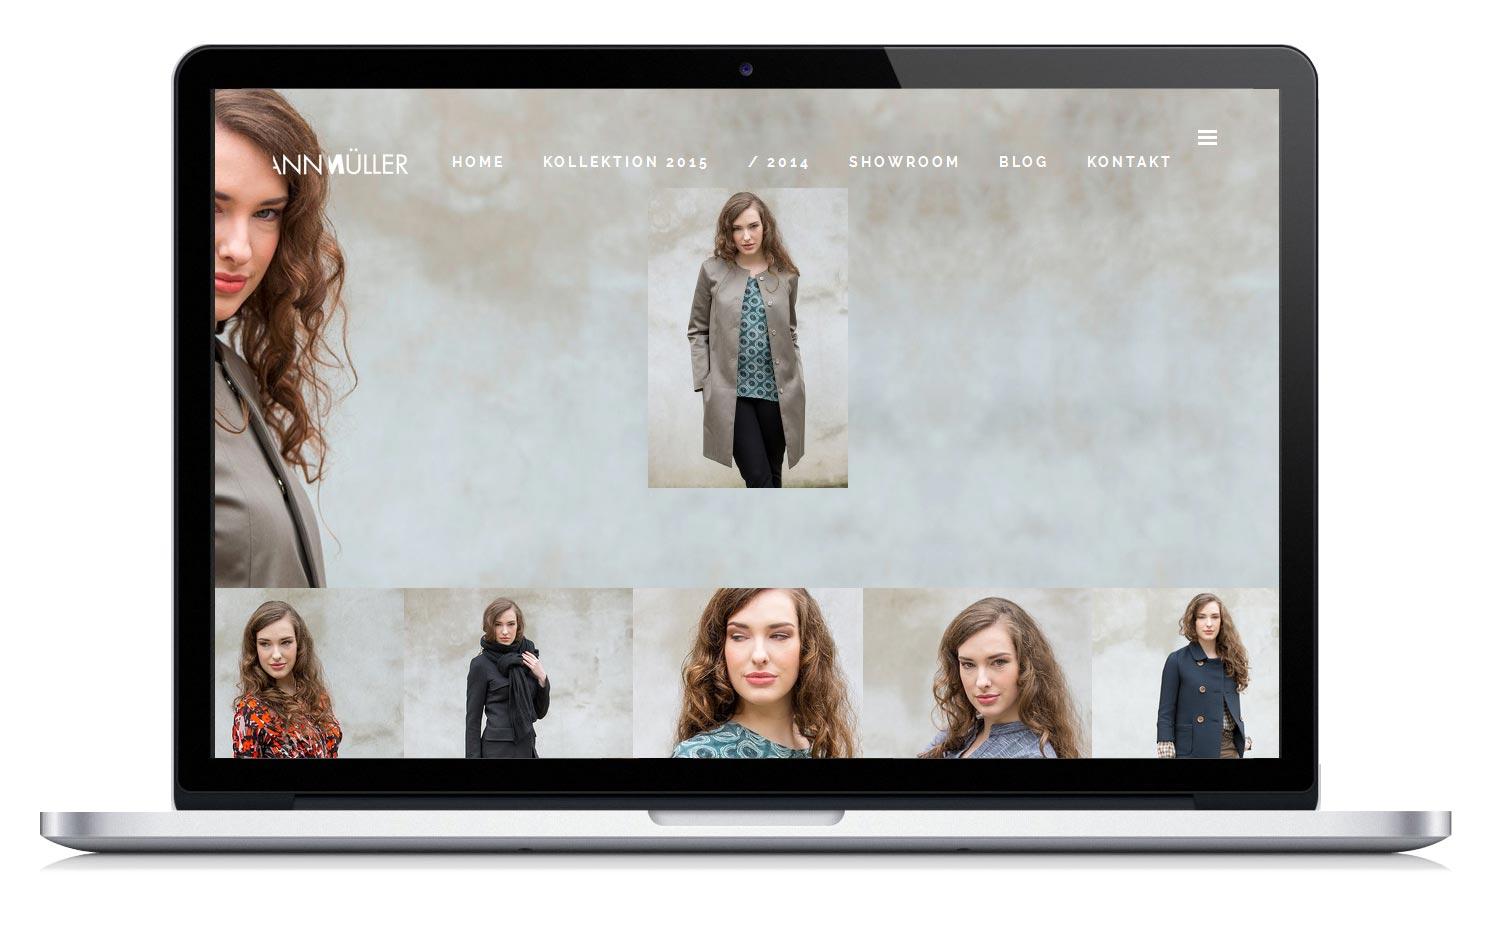 Homepage - Die Kollektion der Modedesignerin Online.